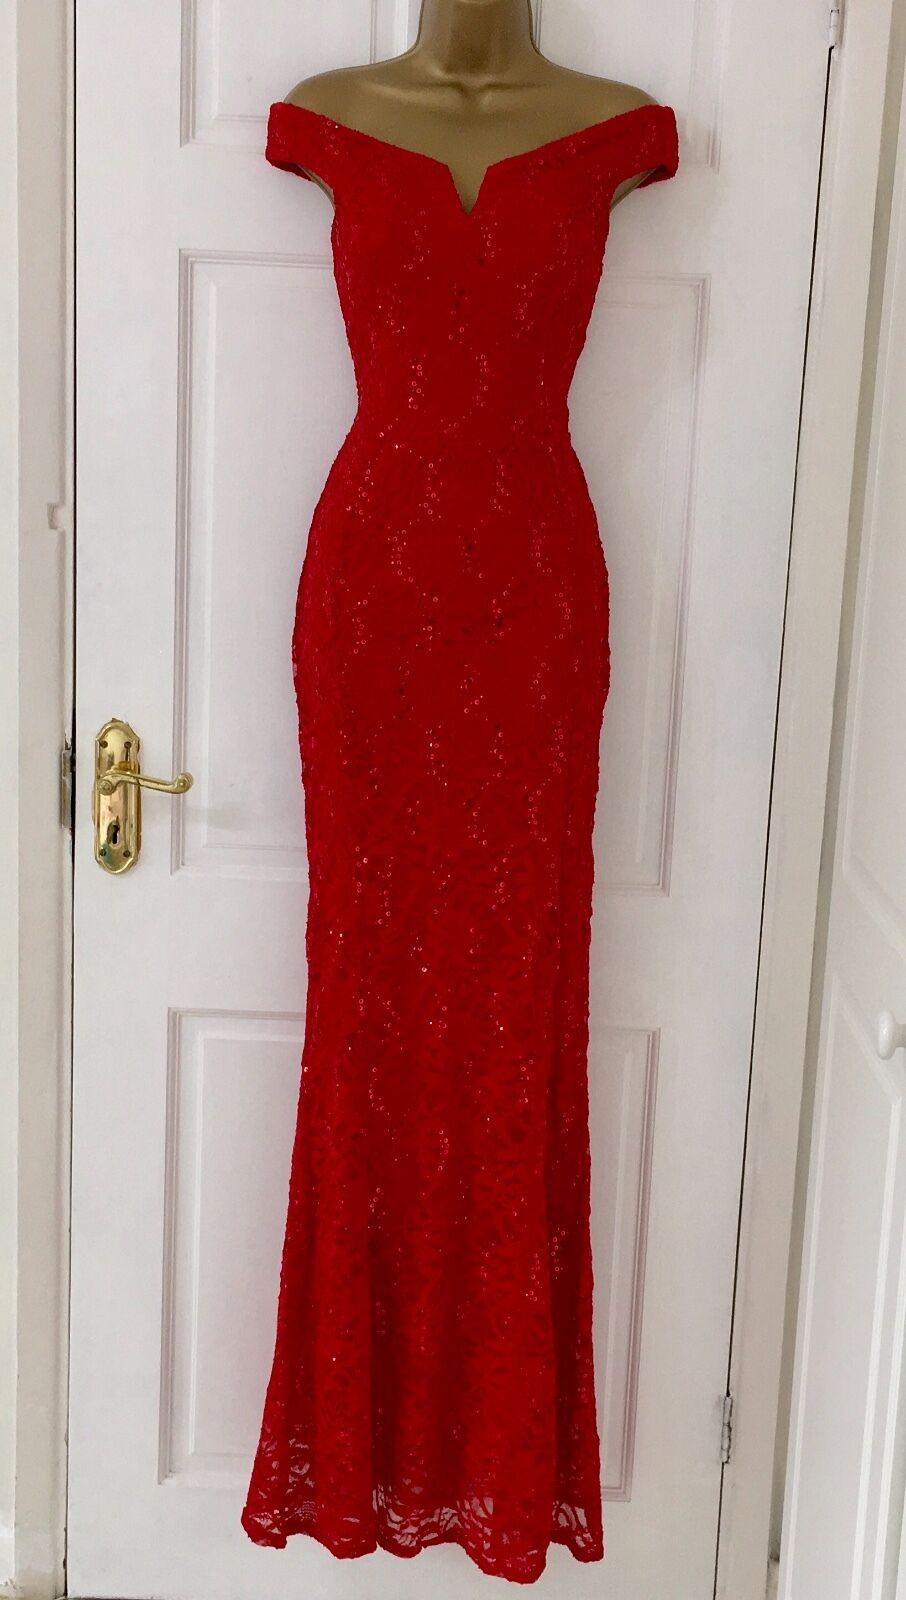 17 Genial Ebay Abendkleid Stylish Leicht Ebay Abendkleid Vertrieb